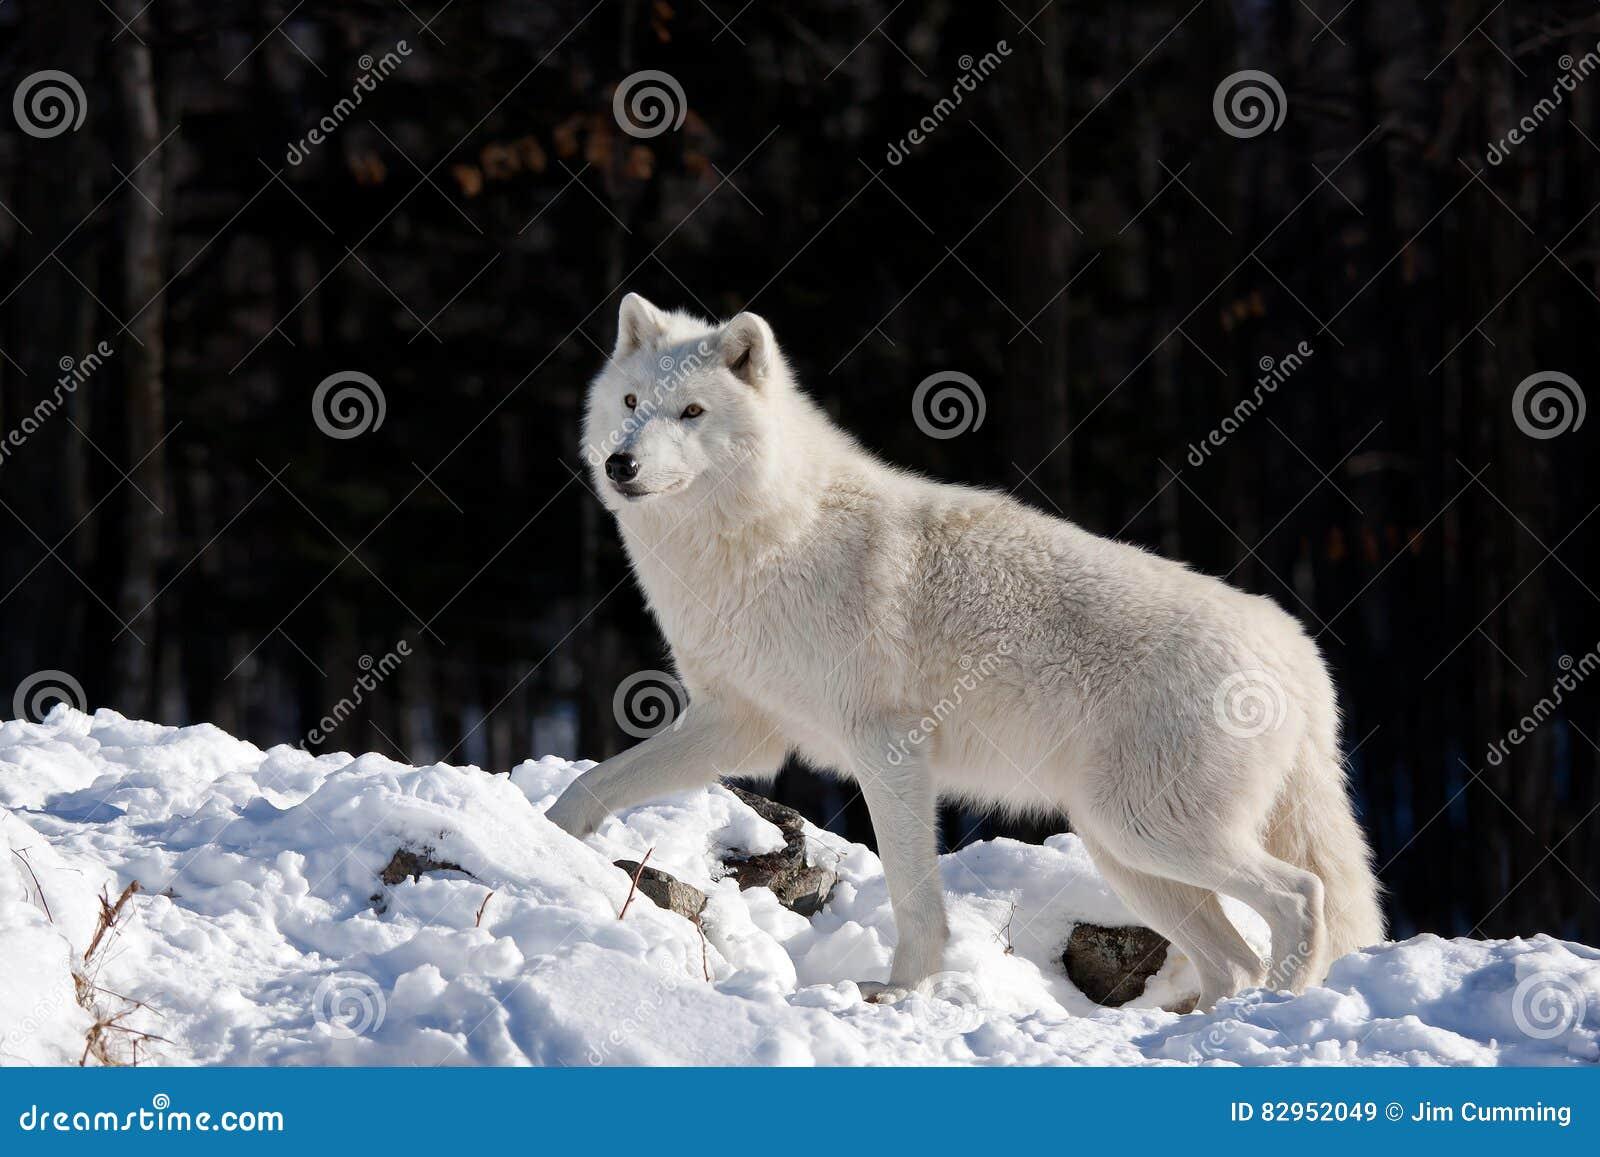 Noordpool Wolf in de winter